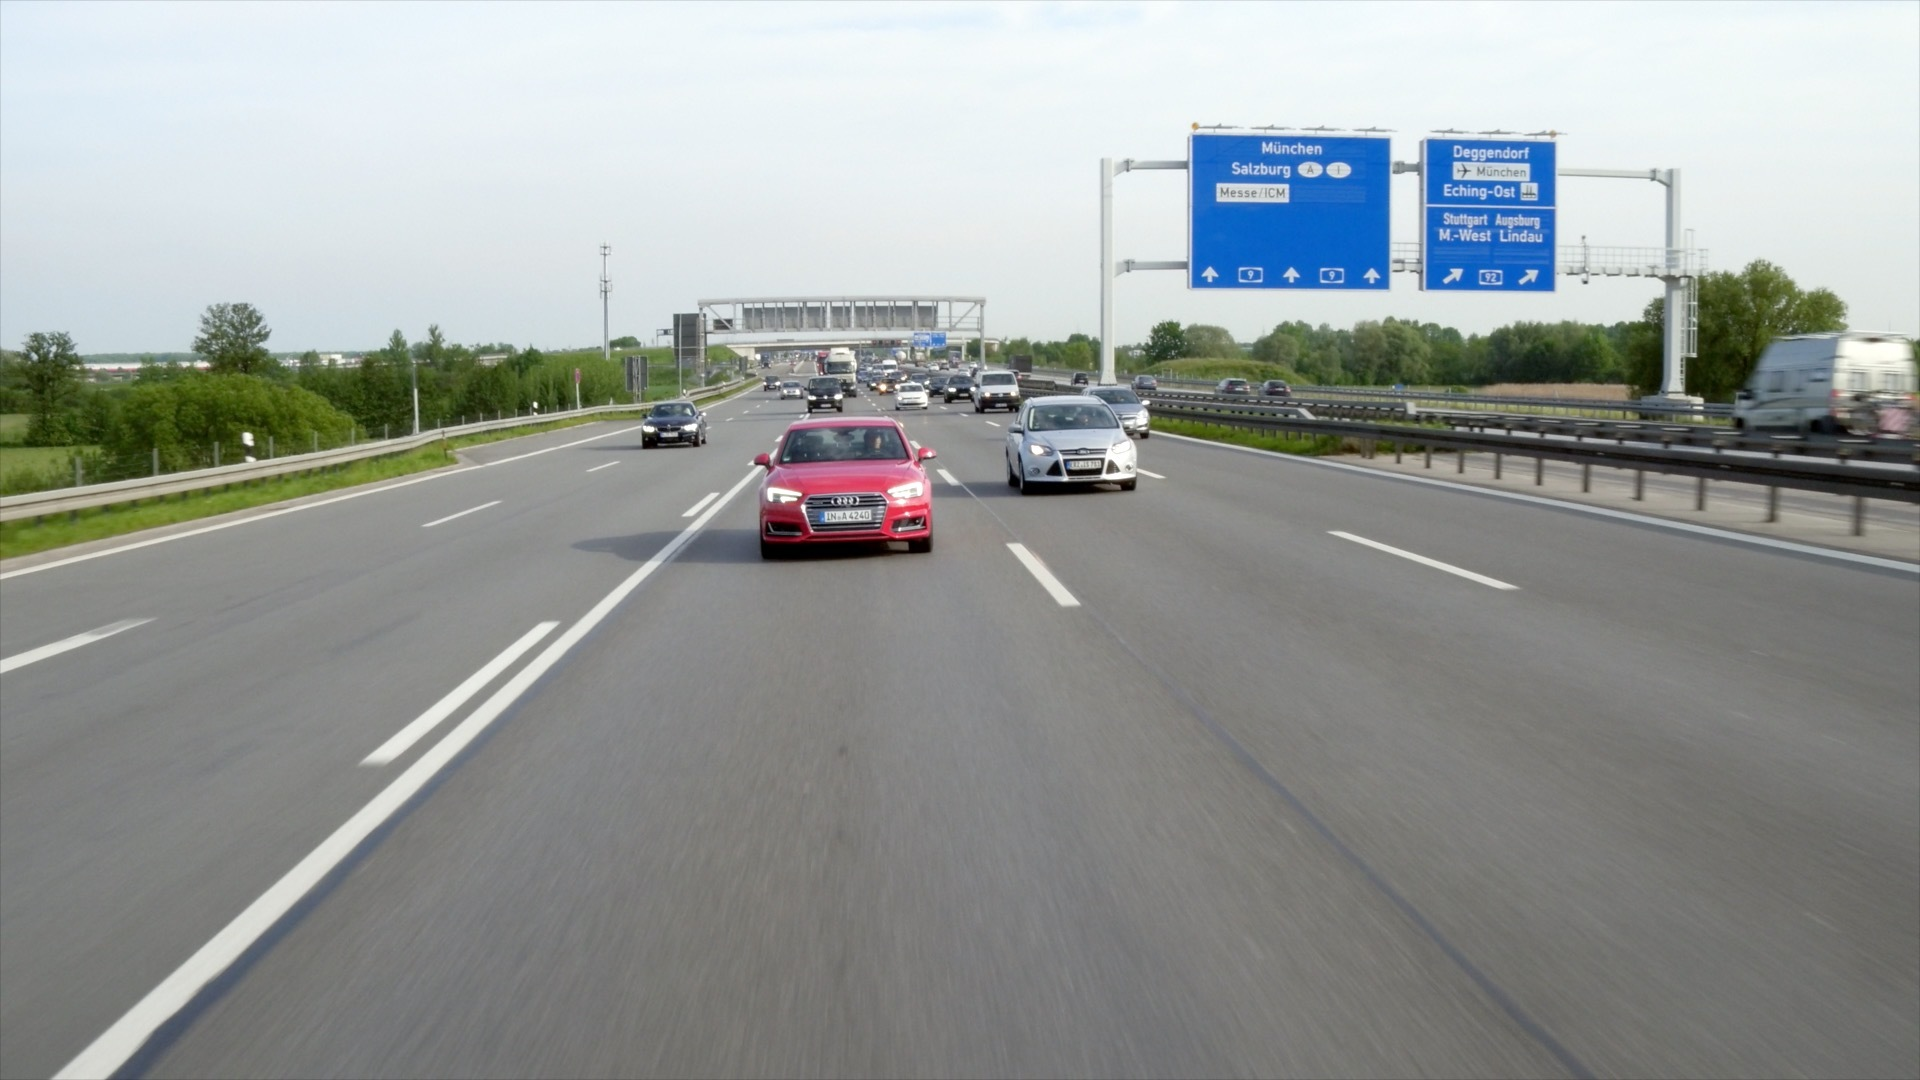 Coming Soon! Sicher auf der Autobahn: Die Fahrerassistenzsysteme von Audi, Folge 2